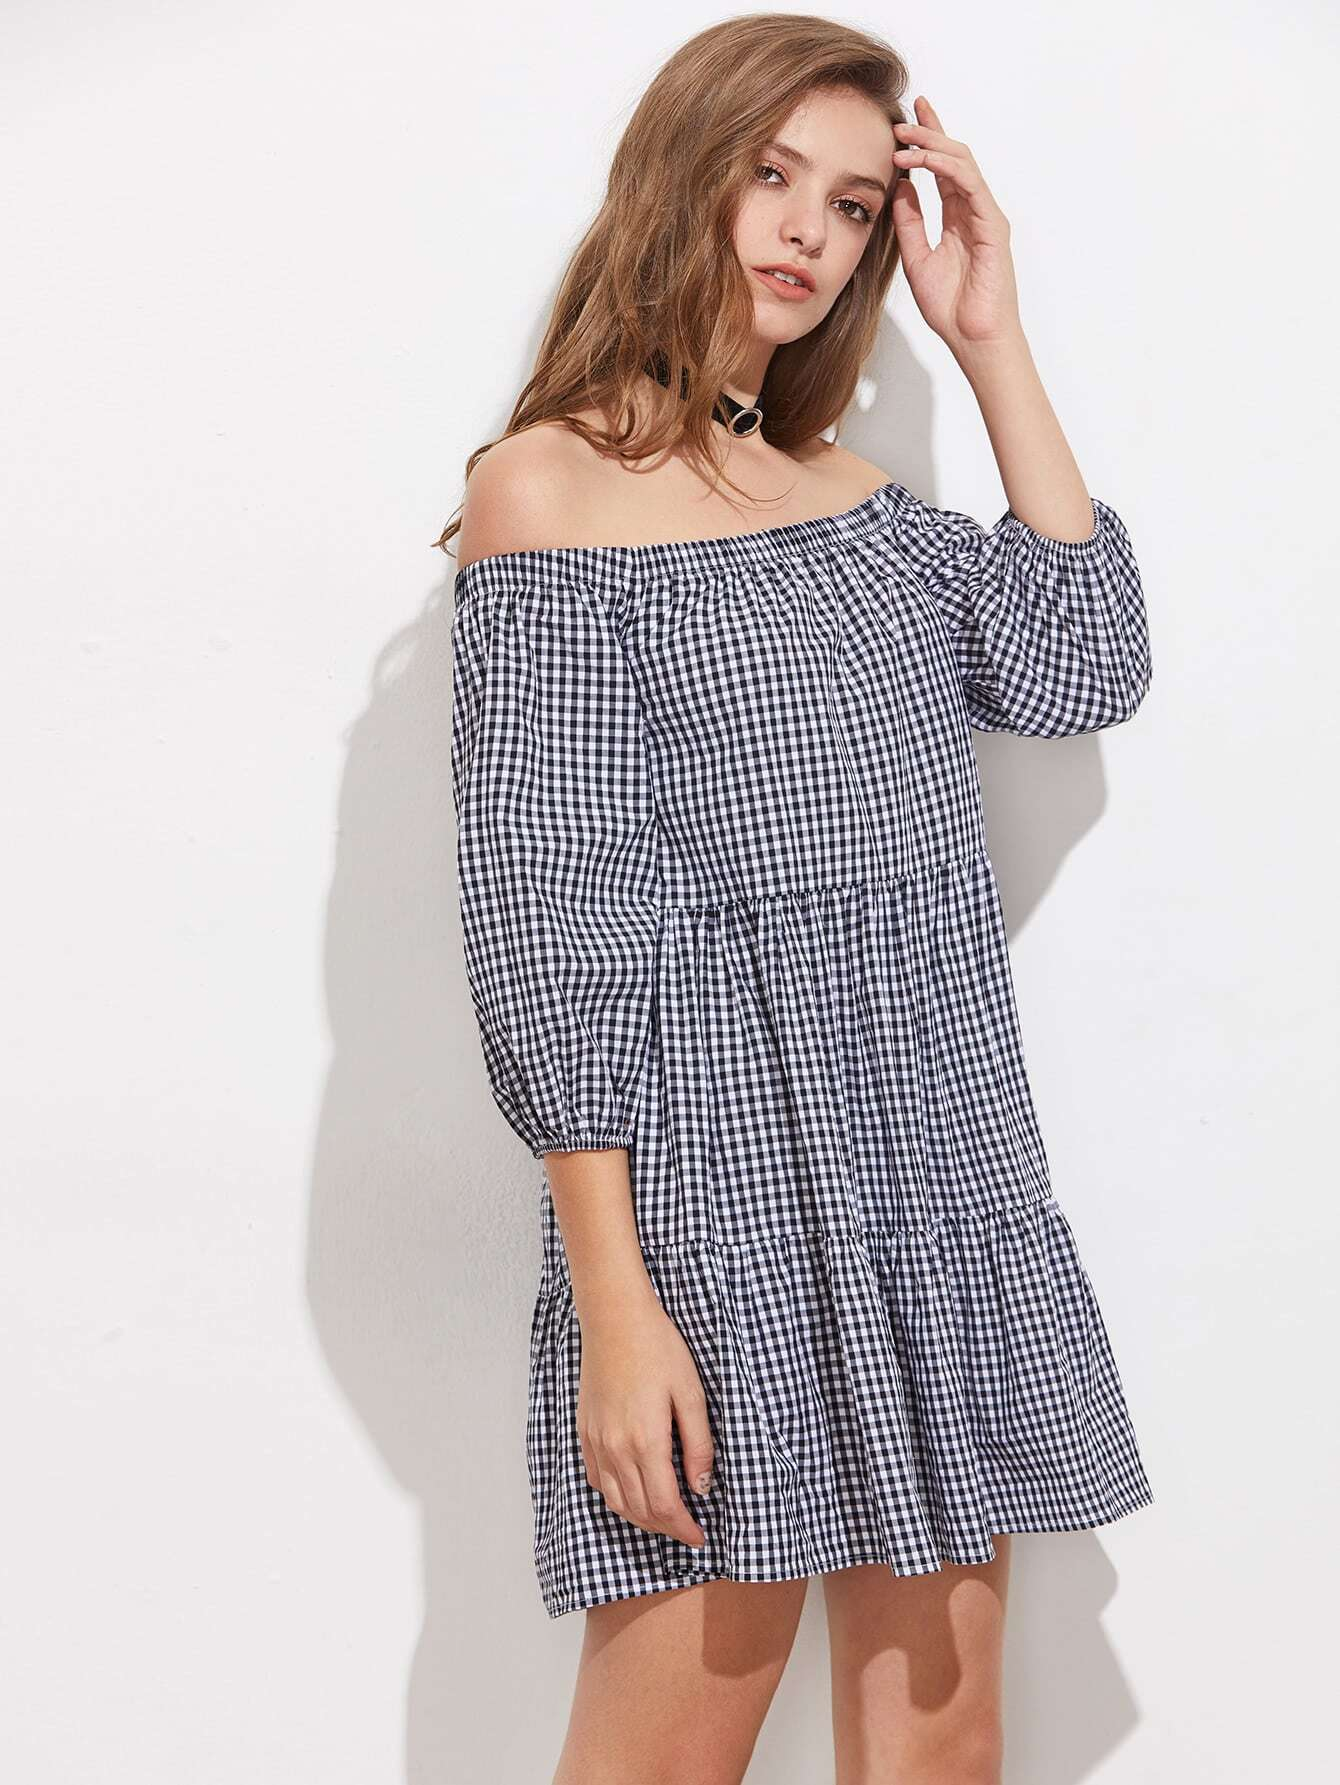 dress170412708_1